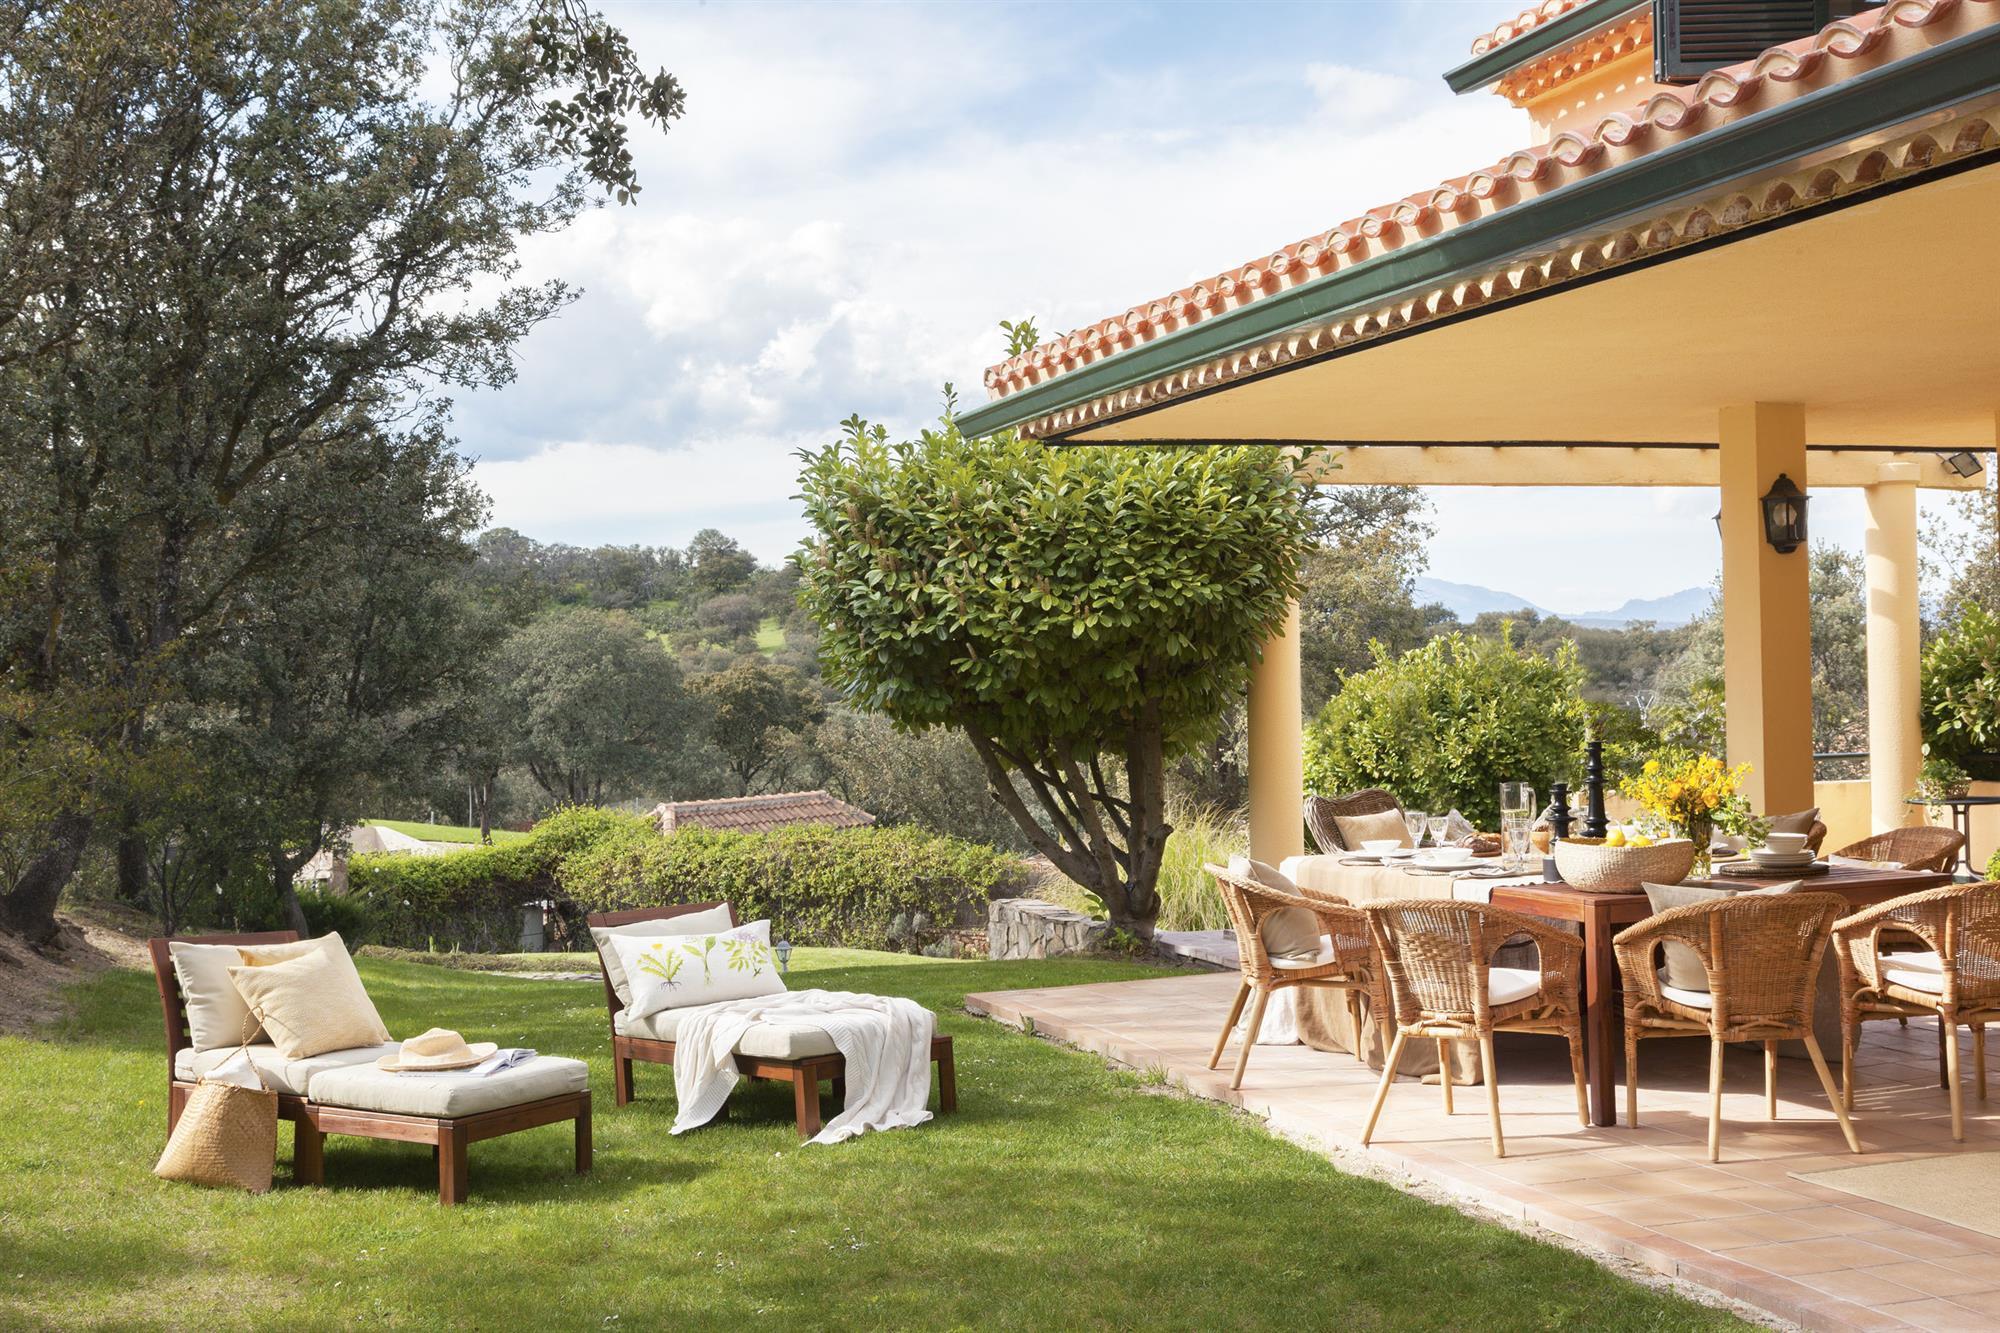 Casas con porche y jardin dise os arquitect nicos for Casa con jardin